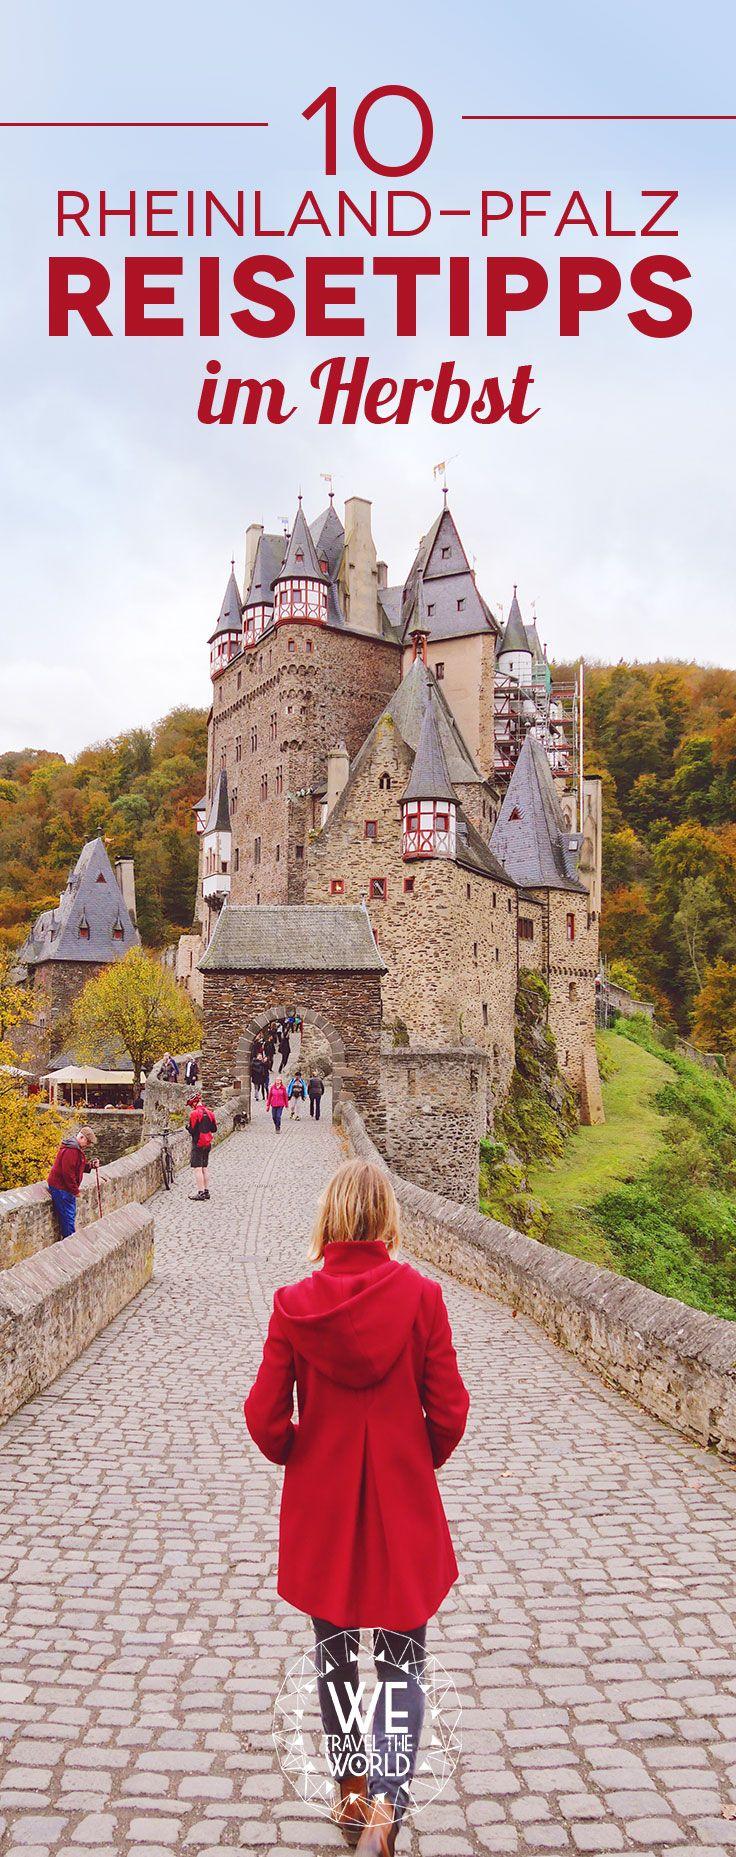 Reisetipps für deinen Rheinland-Pfalz Ausflug im Herbst! Inklusive Burg Eltz, Geierlay Hängebrücke, Bernkastel-Kues und Koblenz